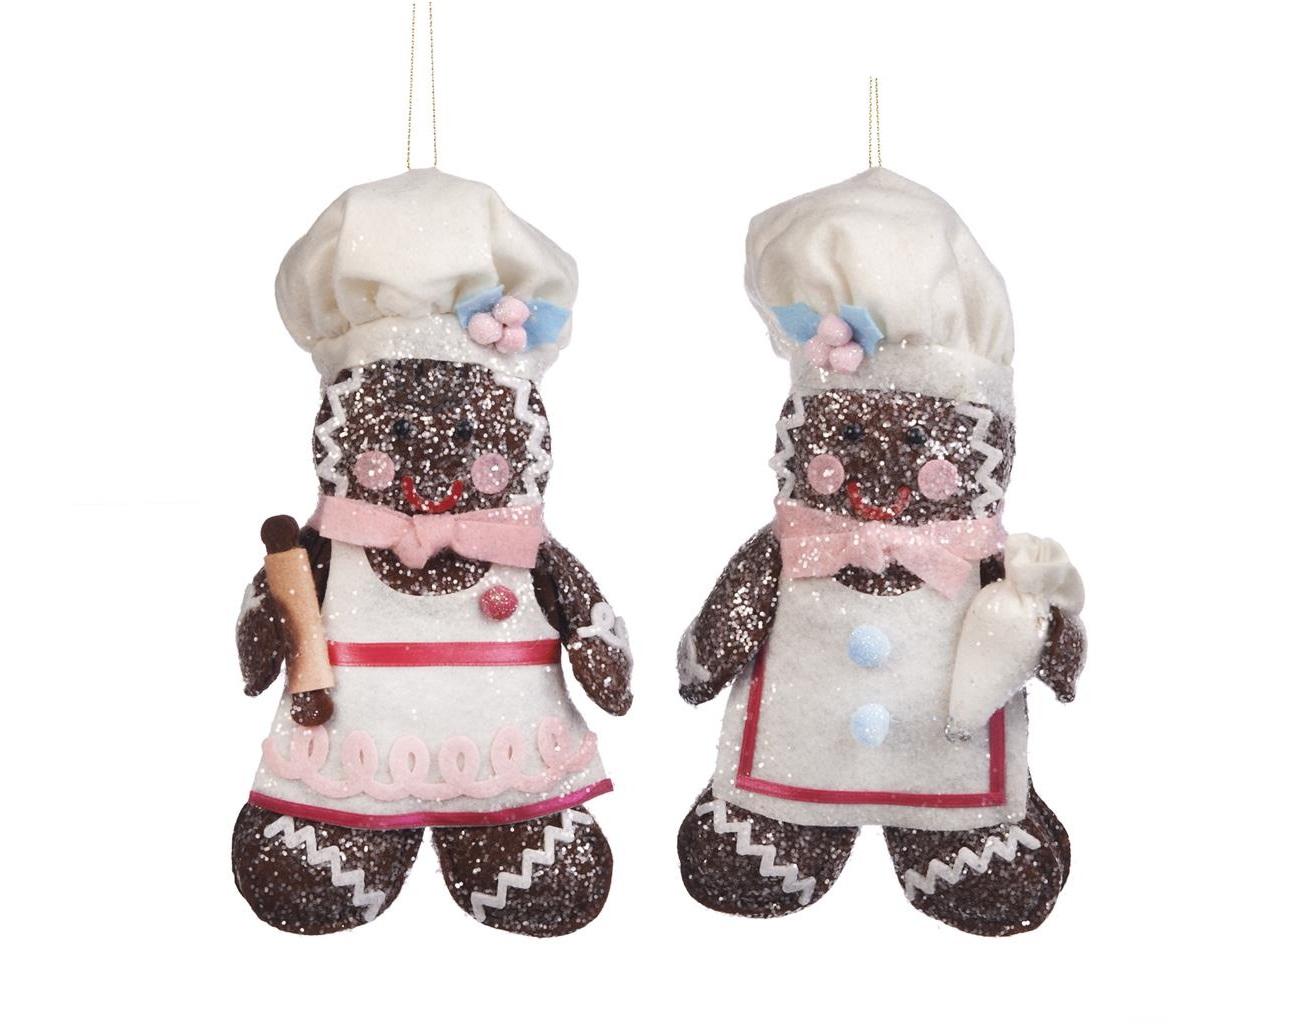 Набор текстильных украшений Пряничные поварята (2шт)Новогодние игрушки<br><br><br>Material: Текстиль<br>Width см: 10<br>Depth см: 8<br>Height см: 19